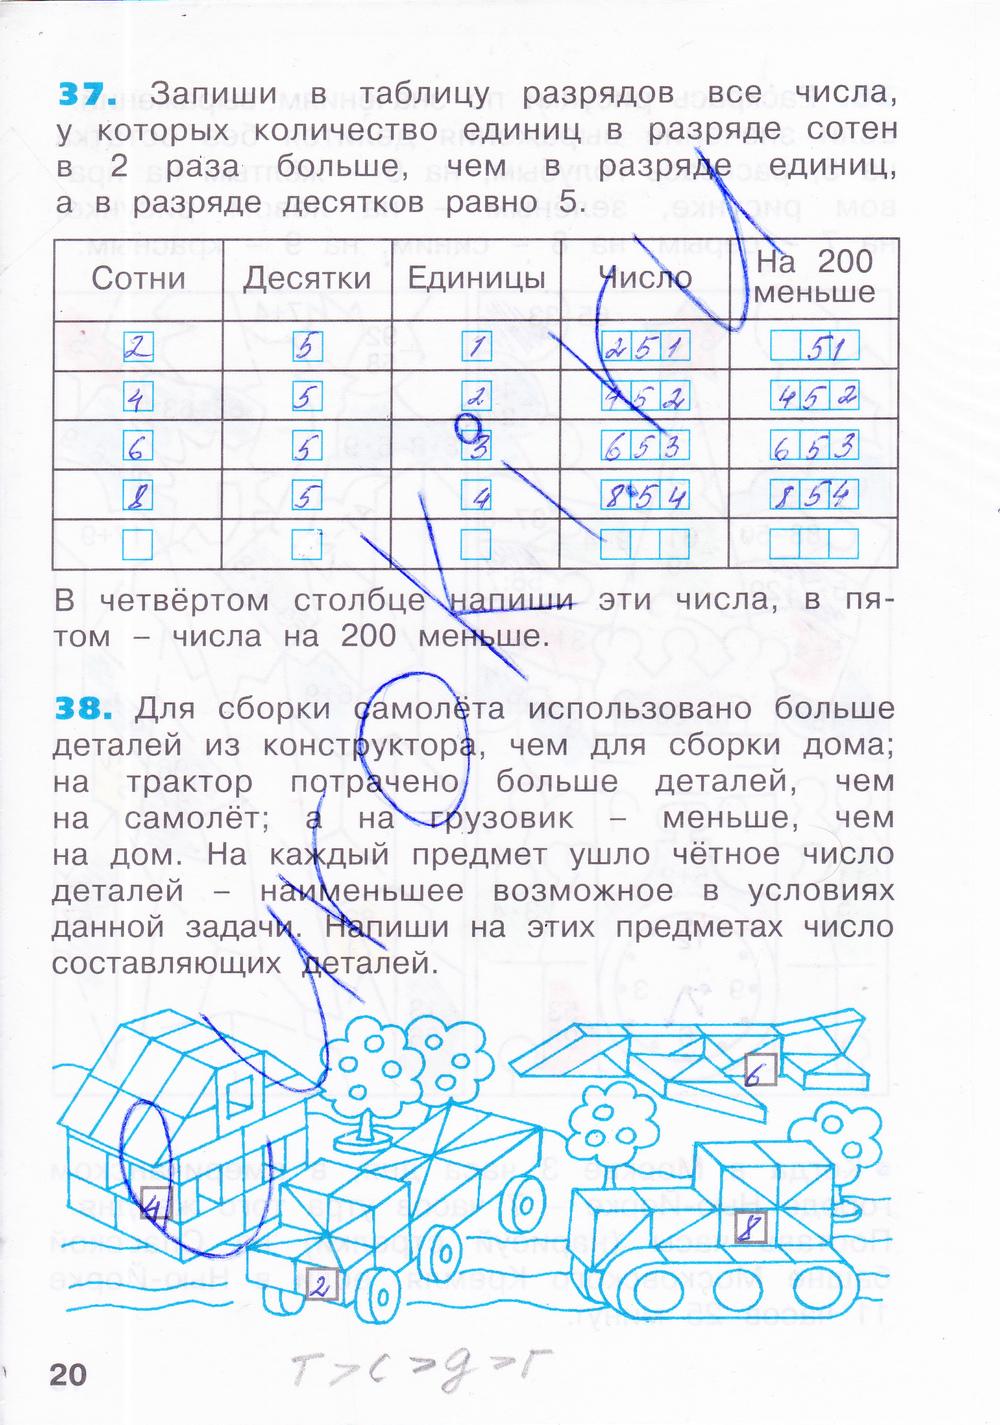 часть тетрадь 2 бененсон рабочая 3 решебник итина класс по математике